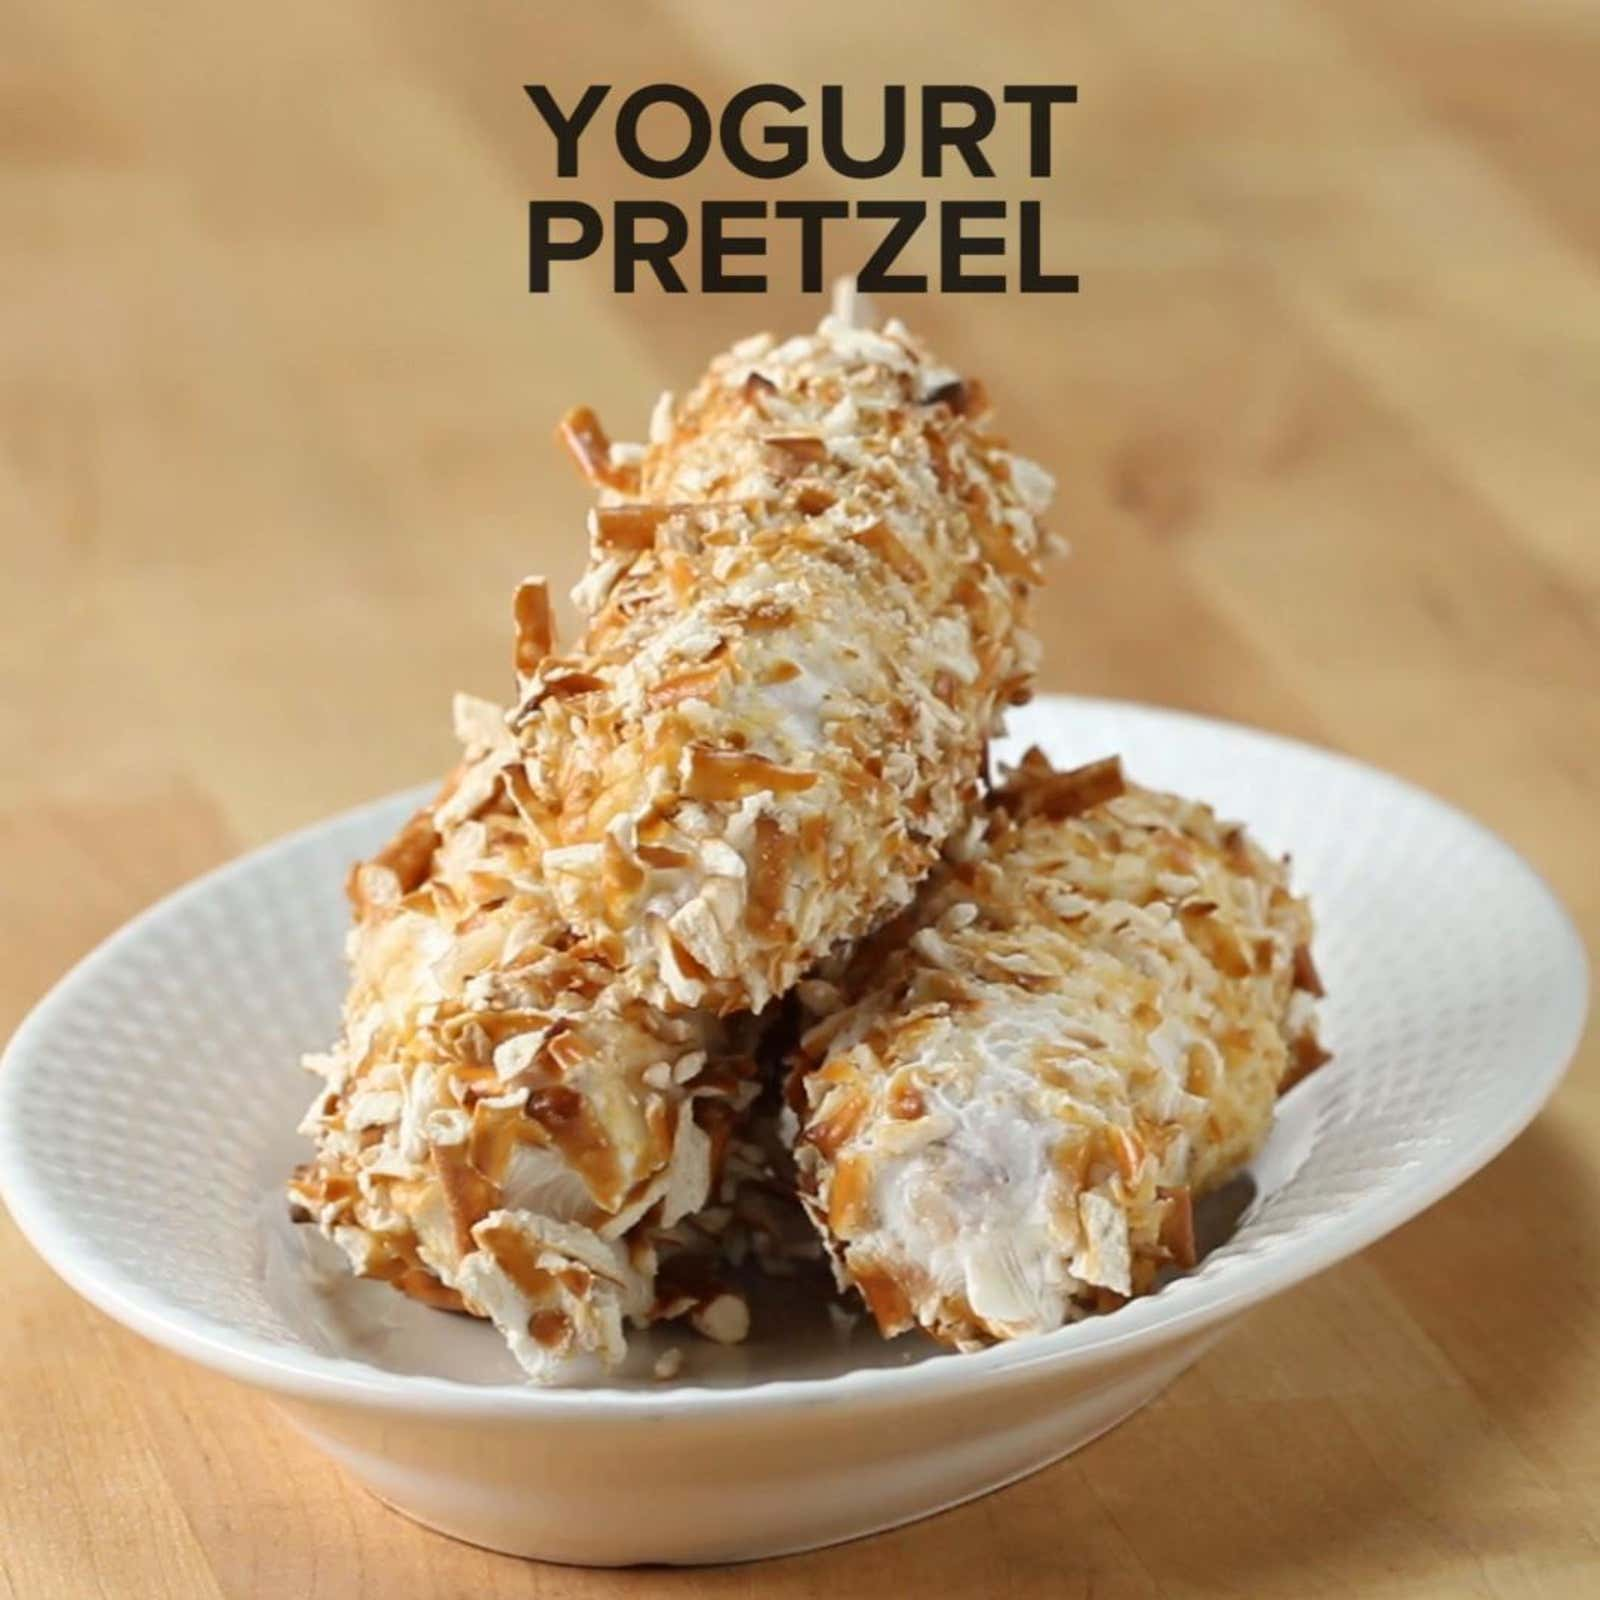 Yogurt Pretzel Frozen Banana